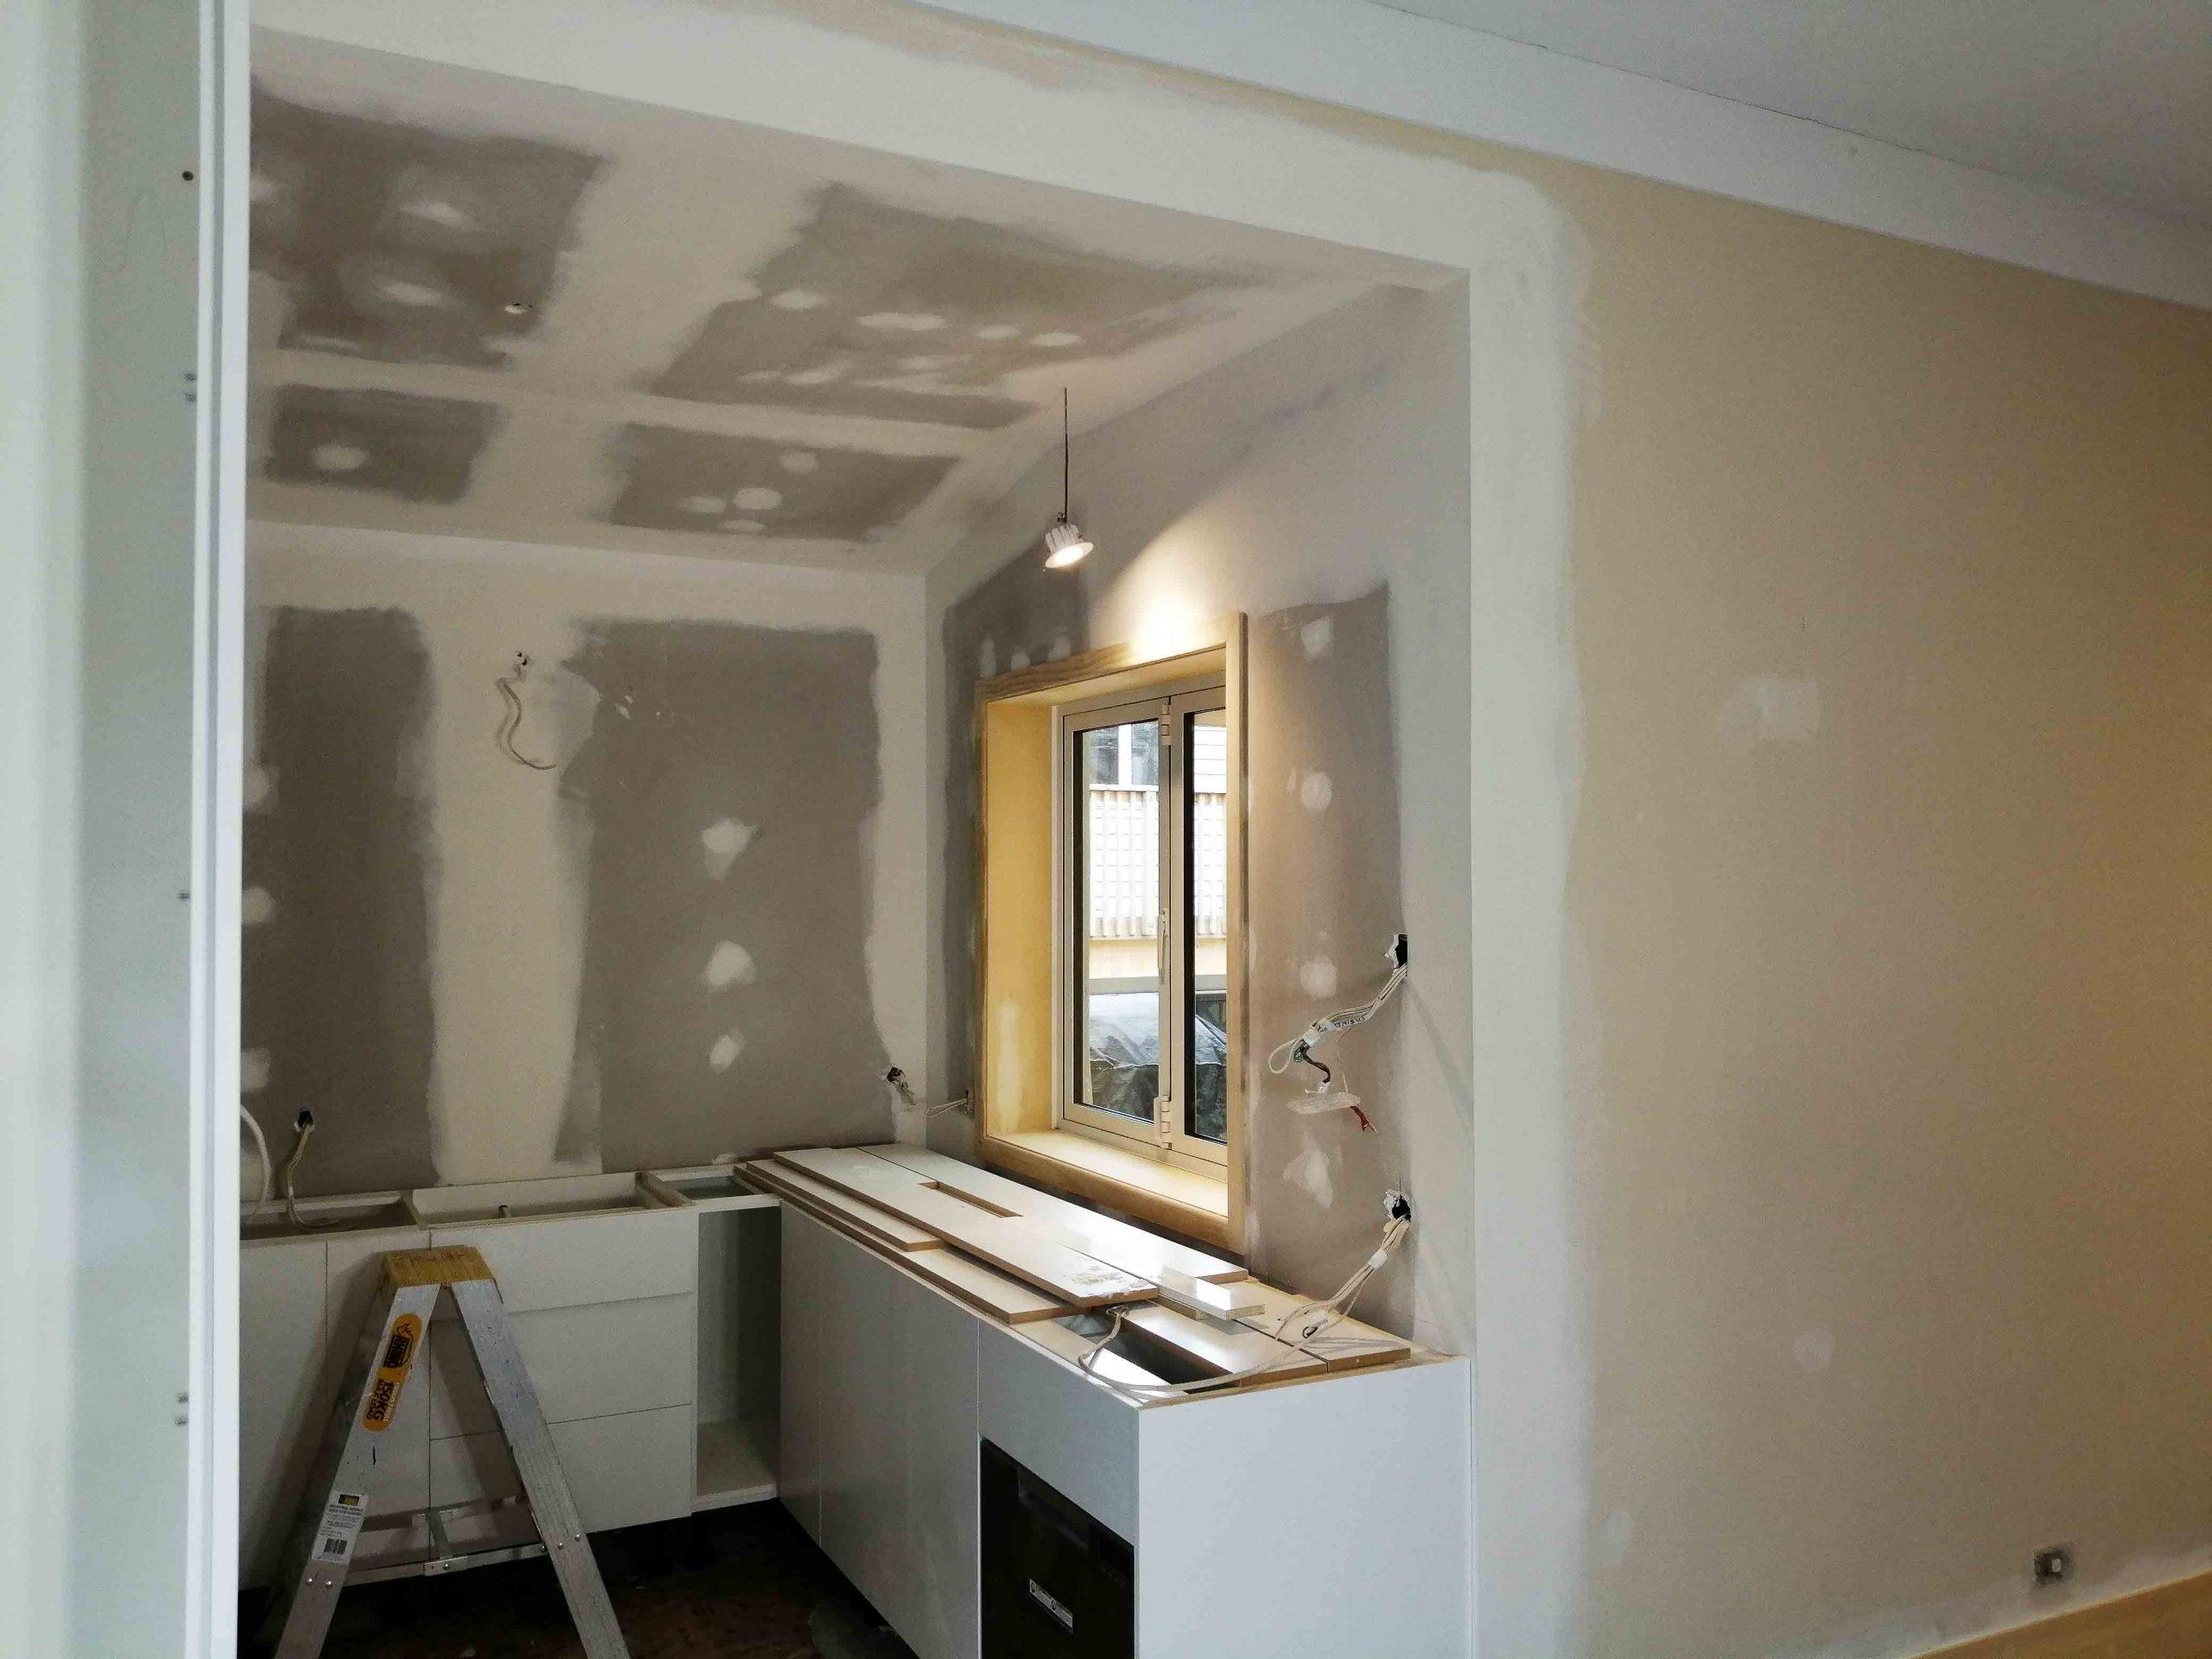 Kitchen plastering Auckland